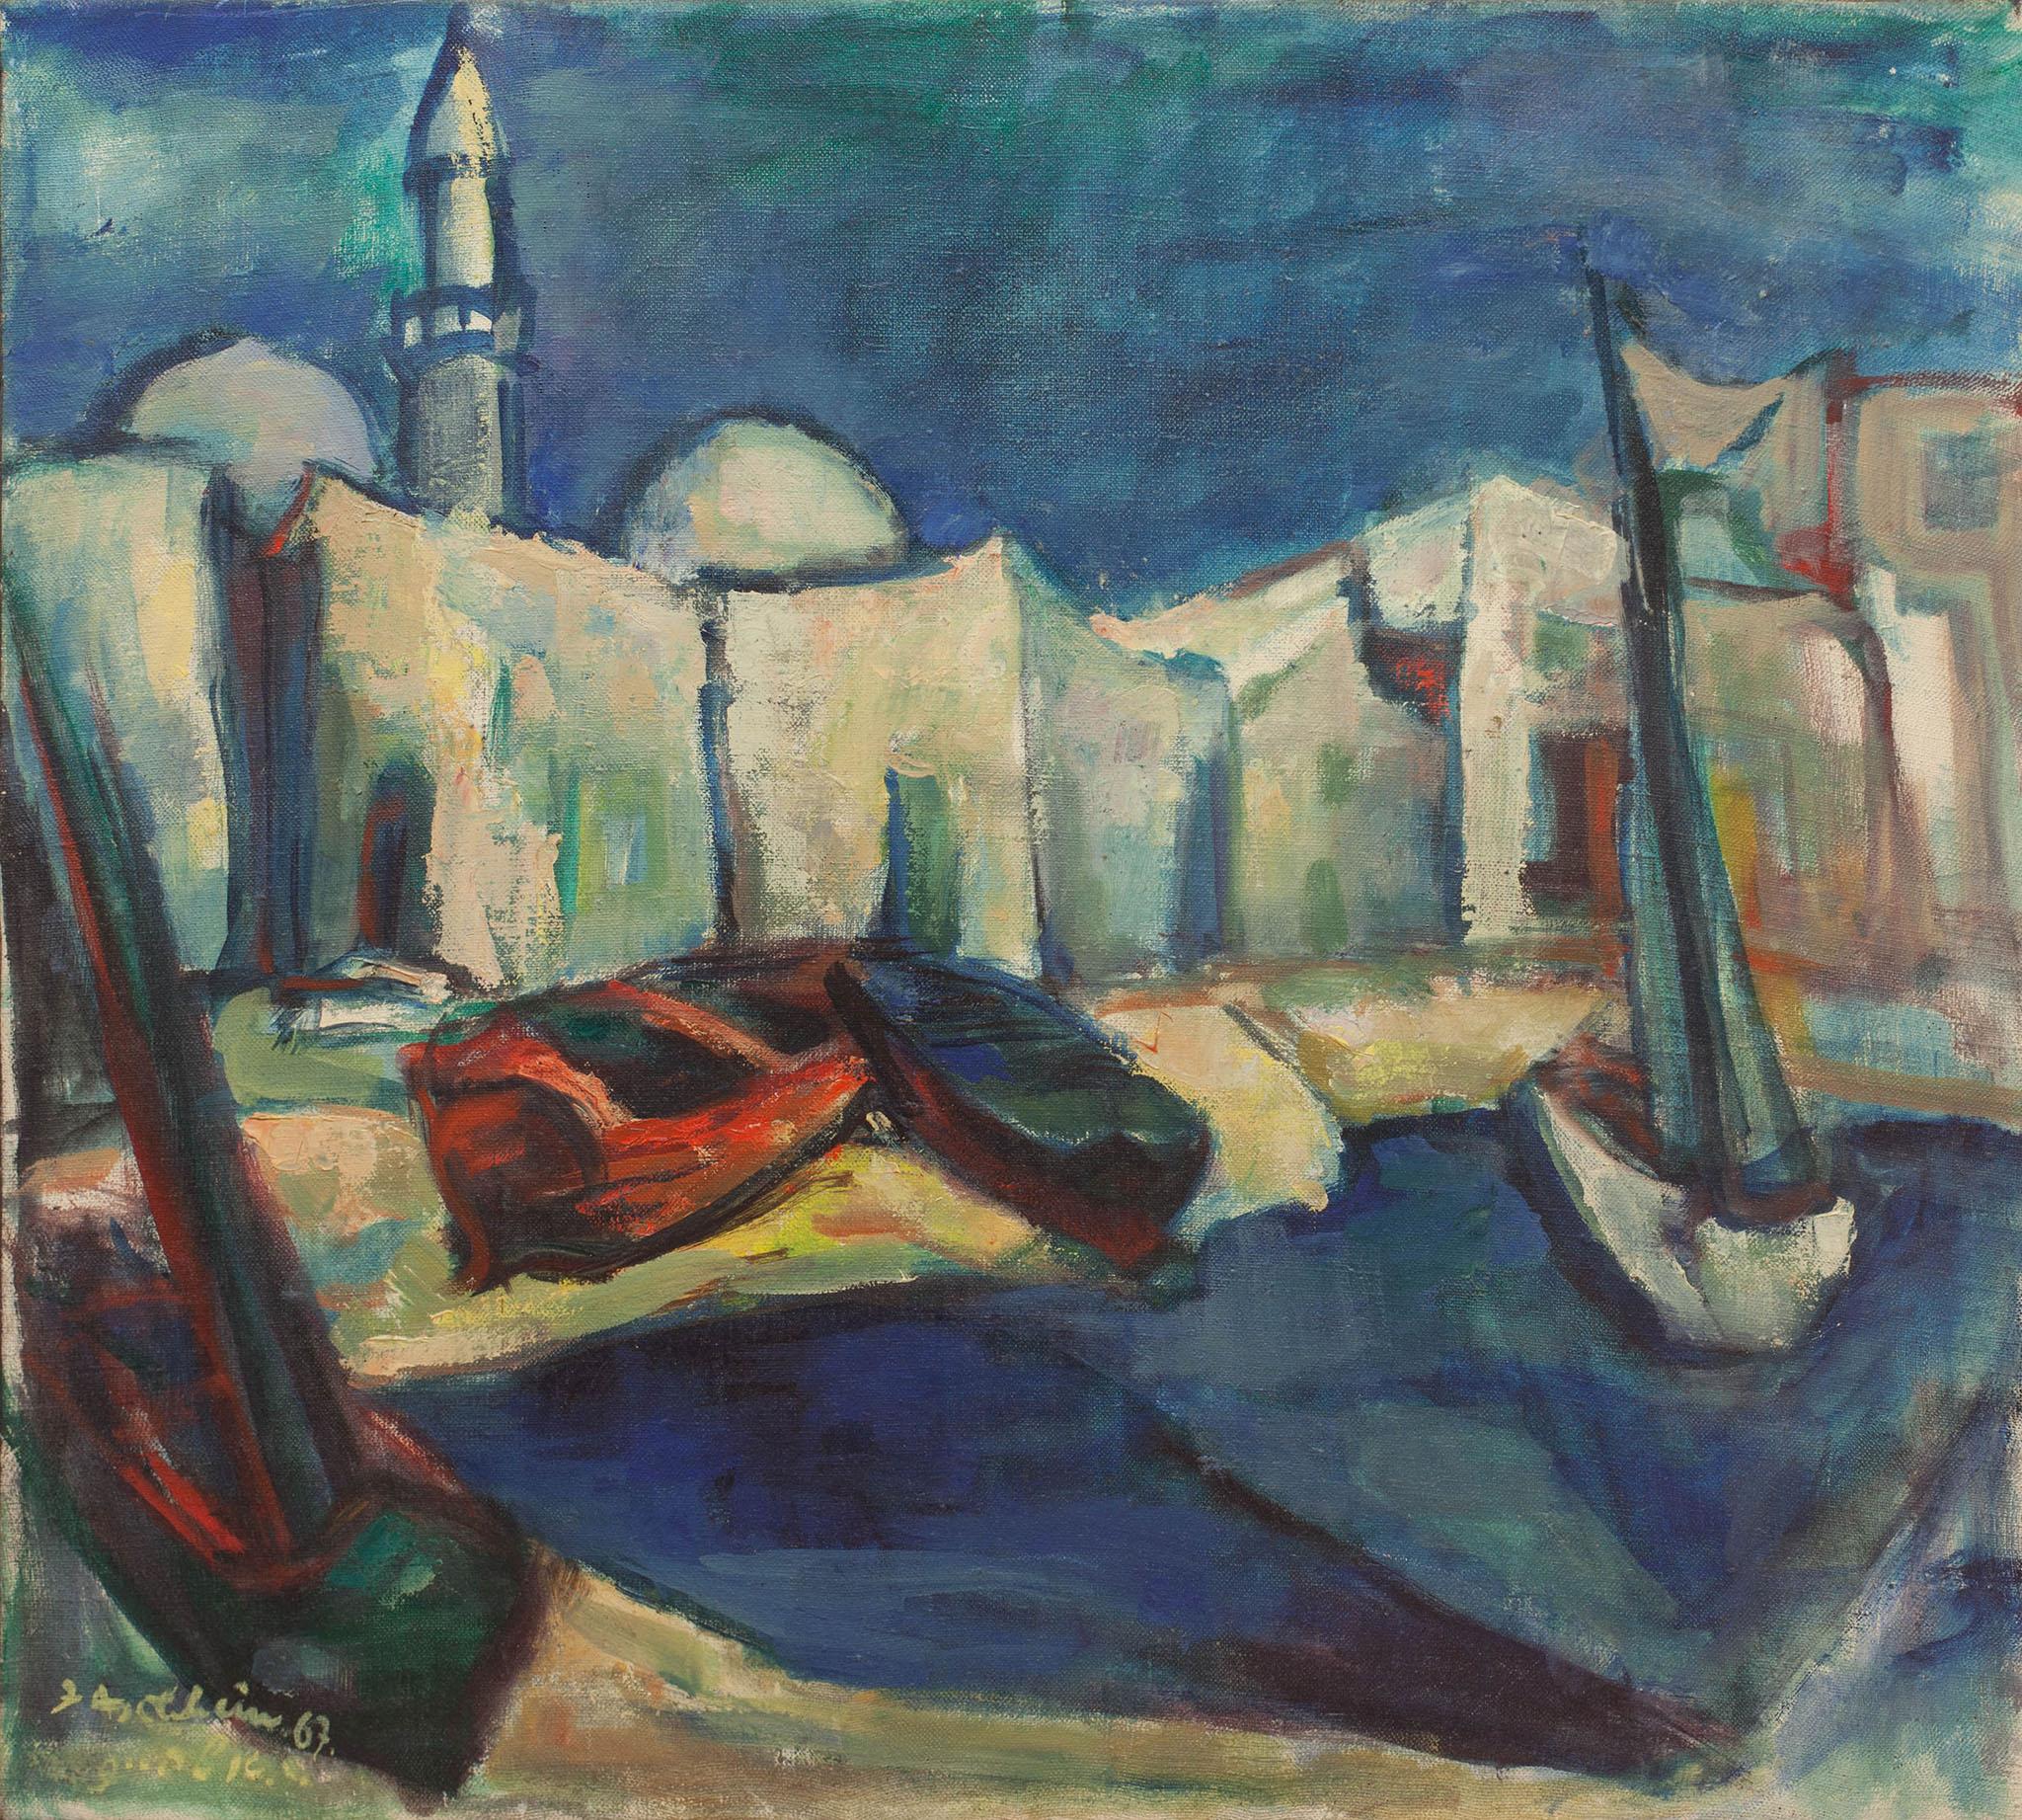 """איזידור אשהיים, """"עכו"""", 1965, שמן על בד, 60x54 ס""""מ"""